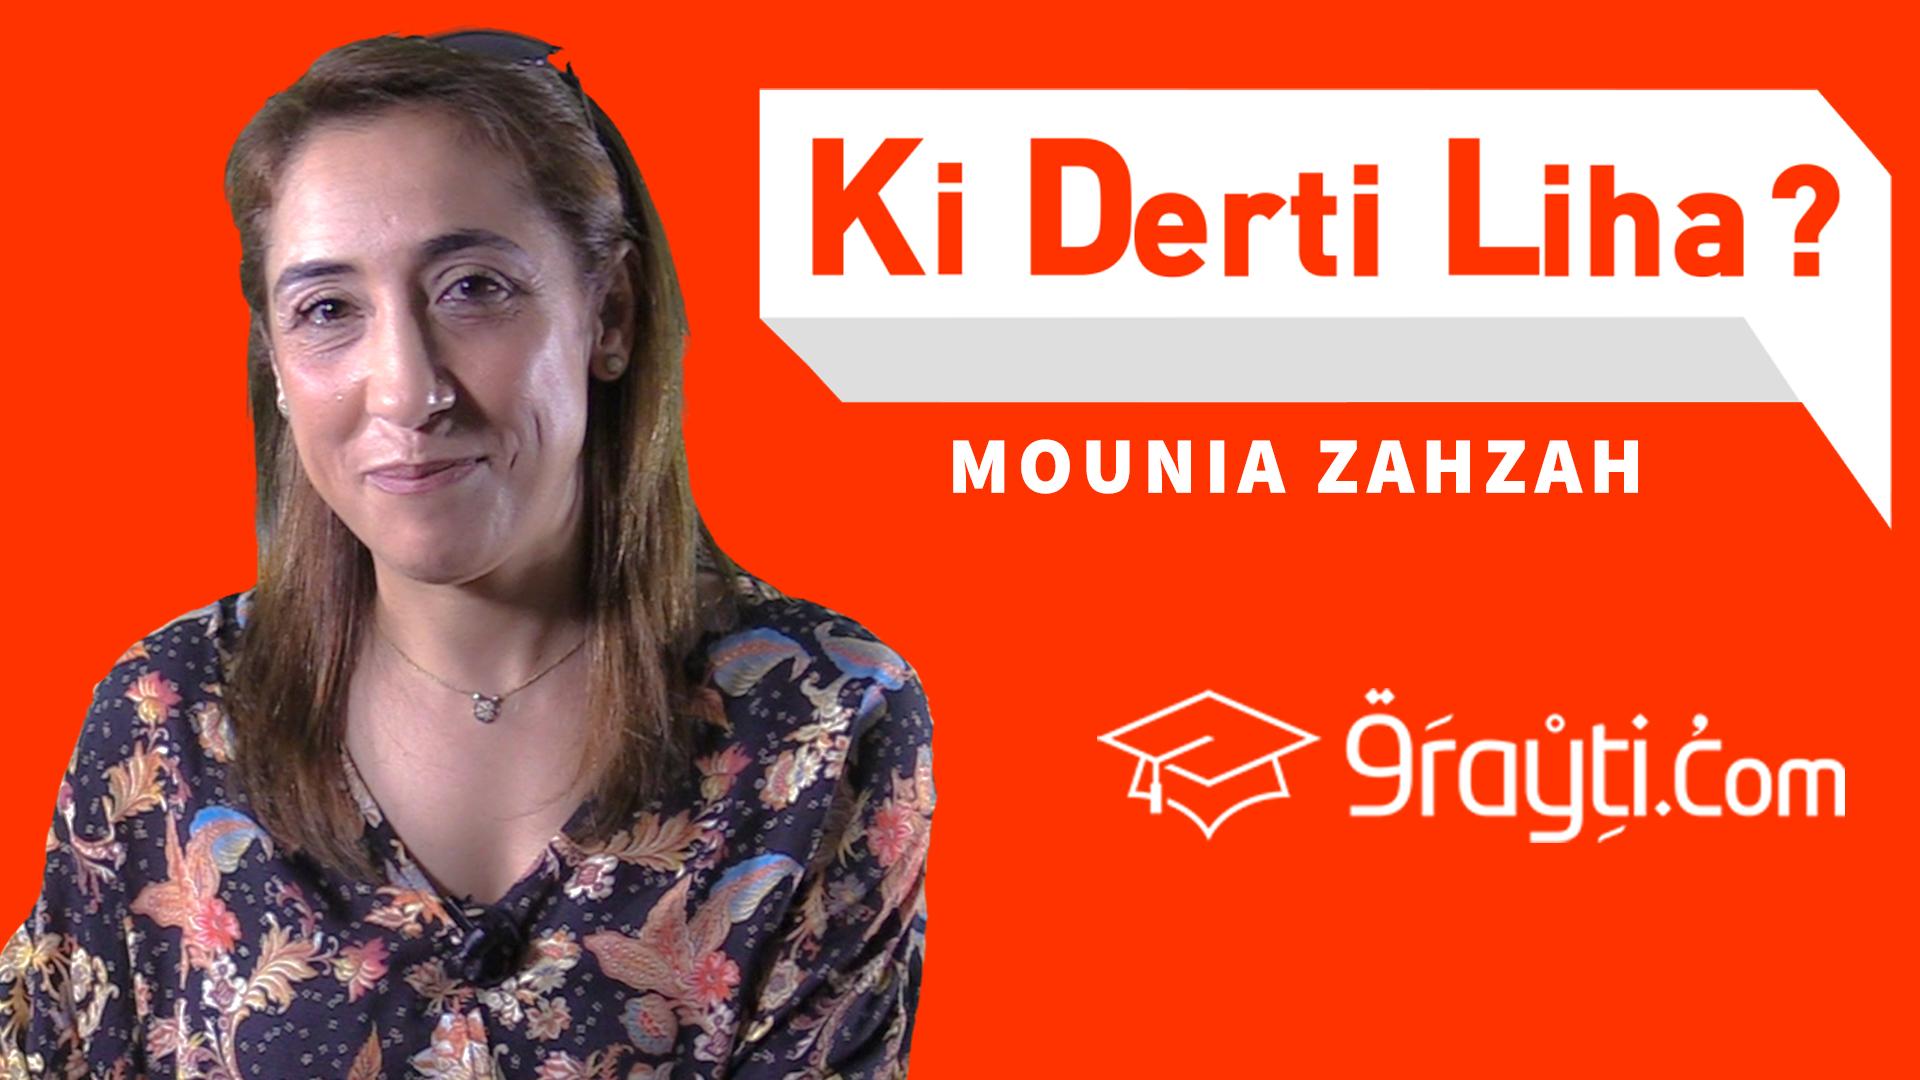 KDL-الحلقة 12- الولوج لكليّة الطب، الدراسة الجامعية و دور الطبيب، مع الطبيبة منية زحزاح